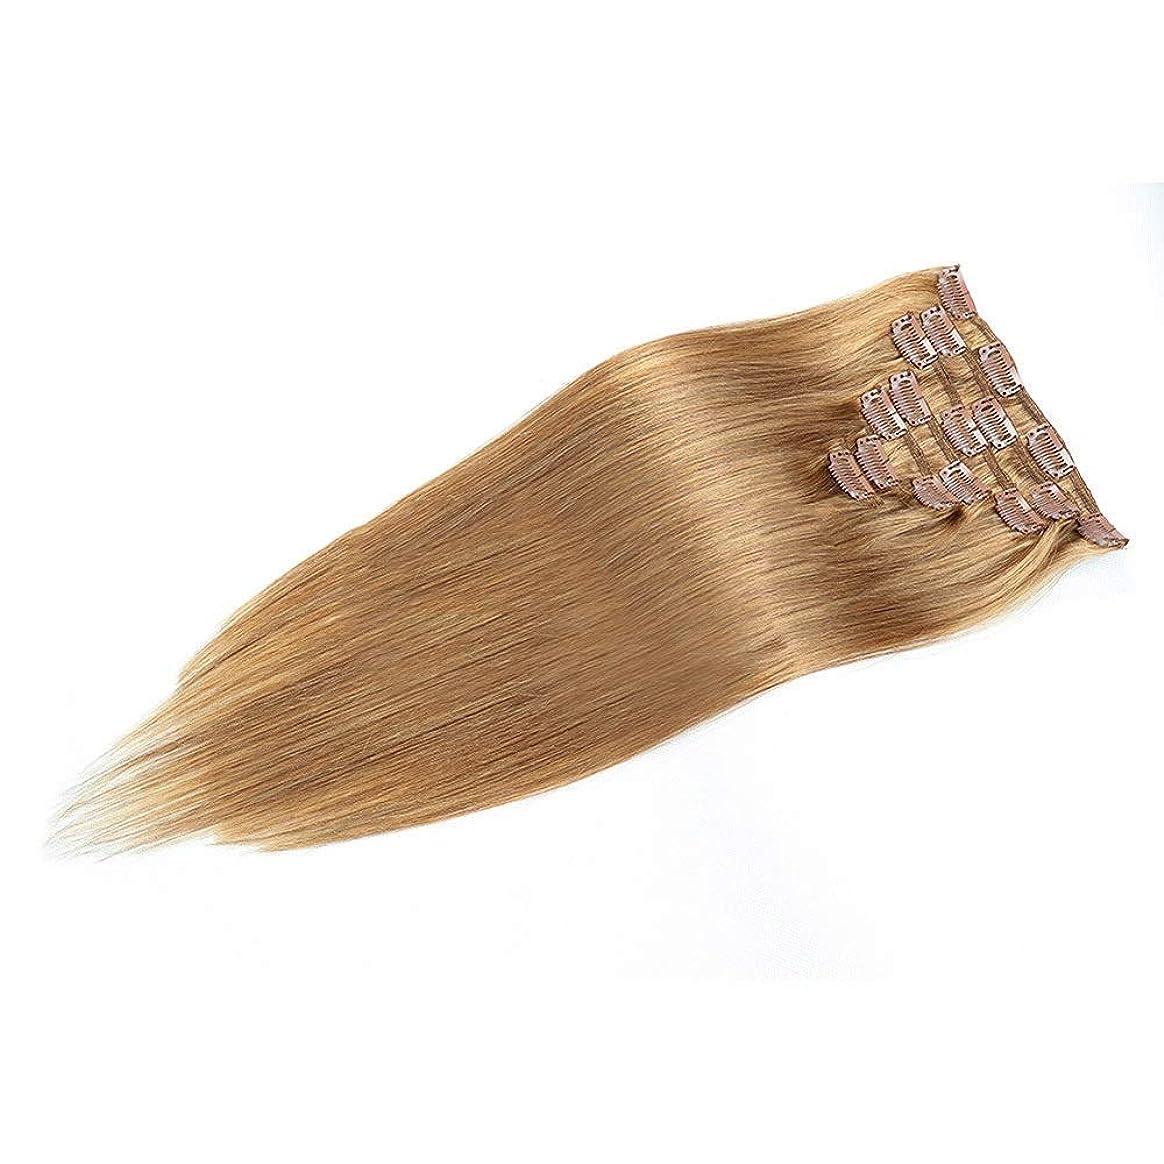 応援する釈義記憶HOHYLLYA 人間の髪の毛の拡張子で20インチ女性の二重描画クリップ - 7個フルヘッドストレートヘア(20